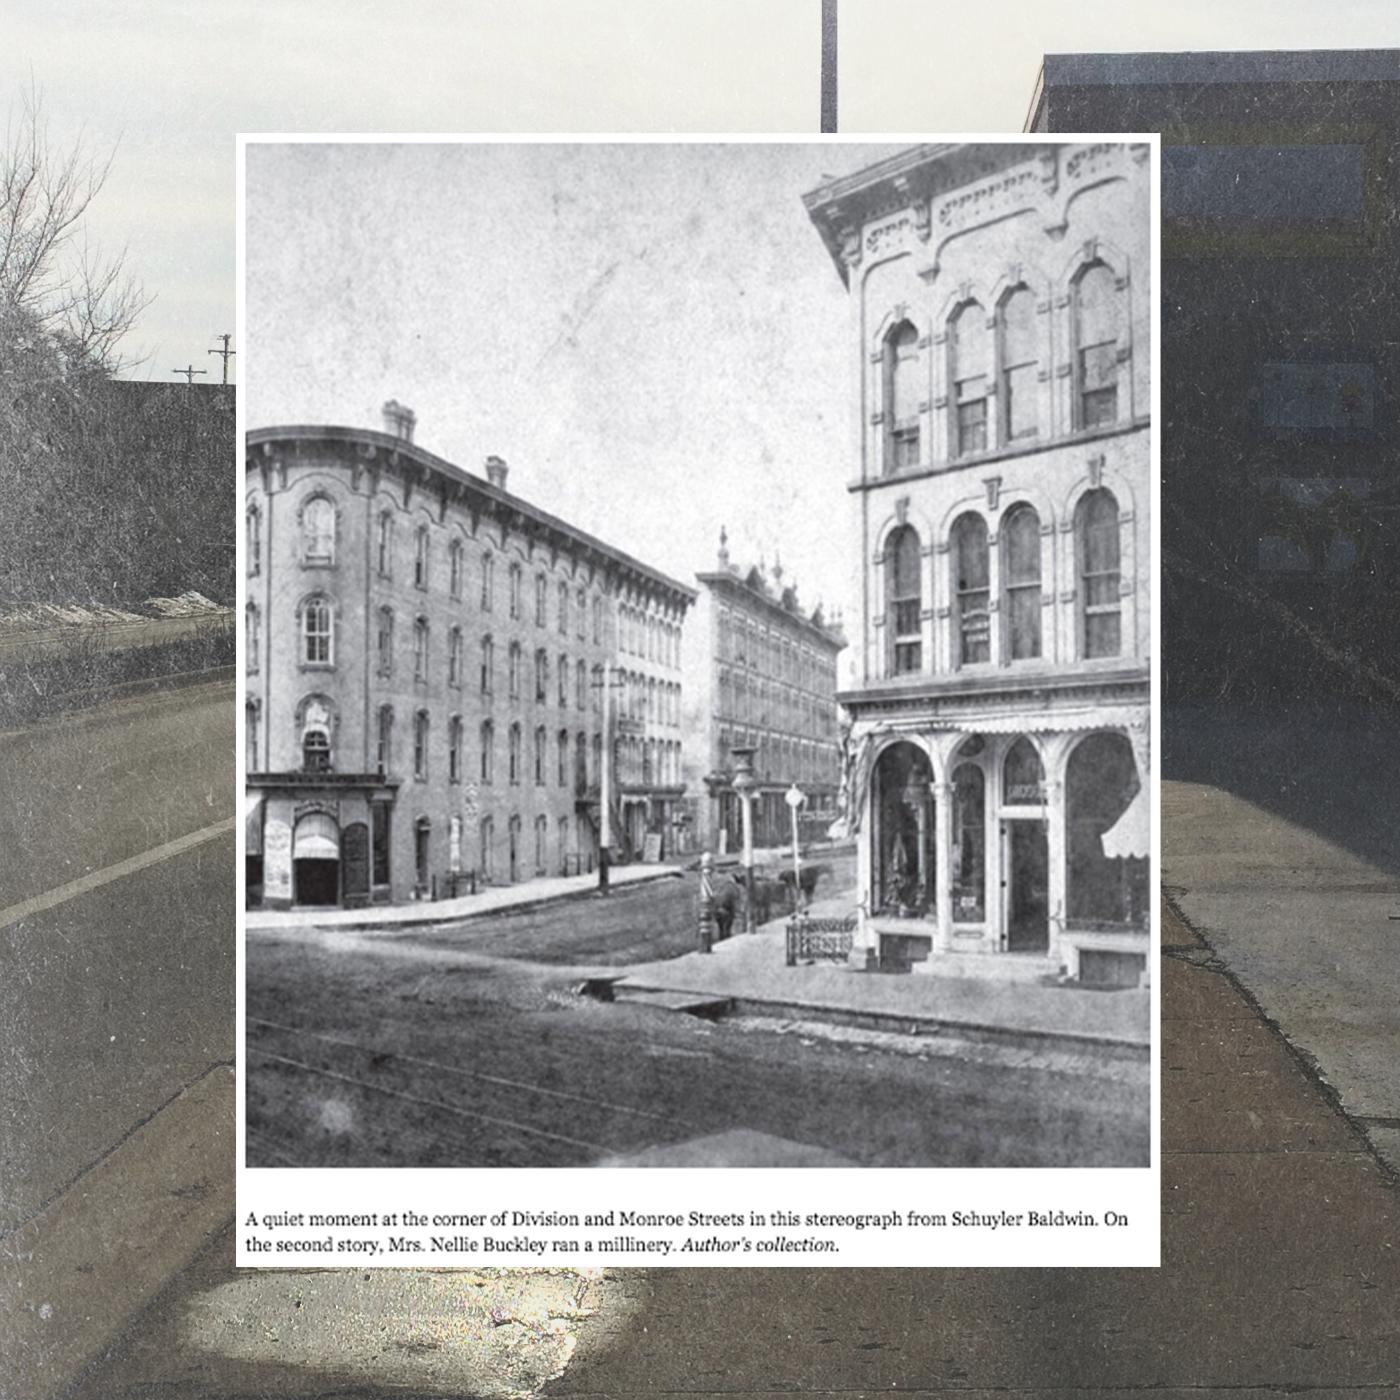 From 'Murder & Mayhem in Grand Rapids' by Tobin T. Buhk